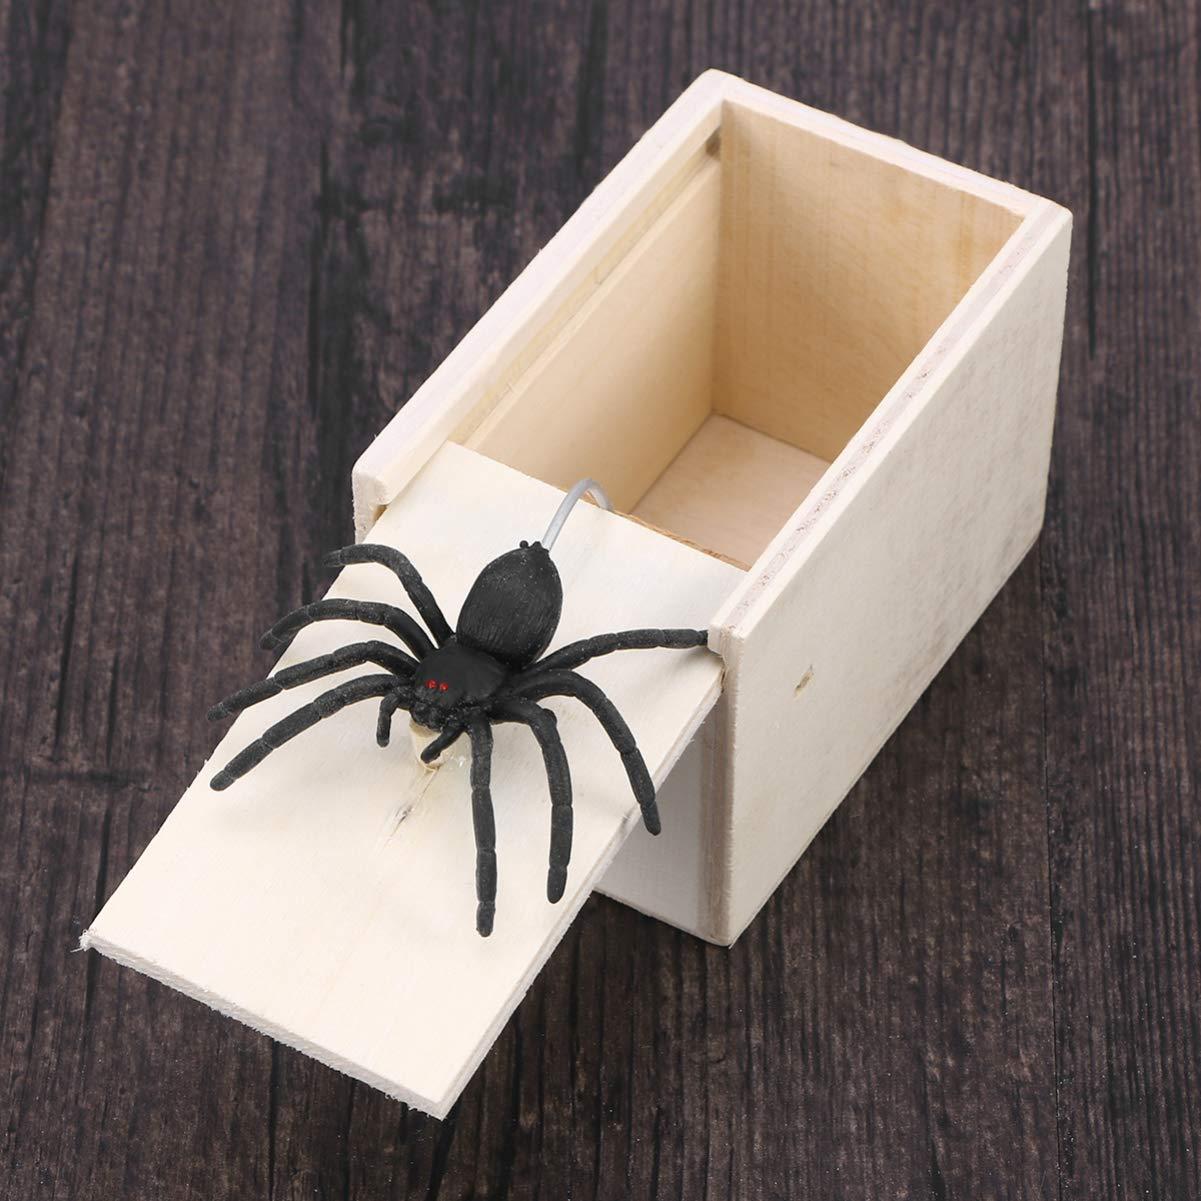 TOYANDONA scatola a sorpresa in legno ragno scherzo scatola spaventosa giocattolo insidioso giocattoli ragno lavagna bianca, ragno